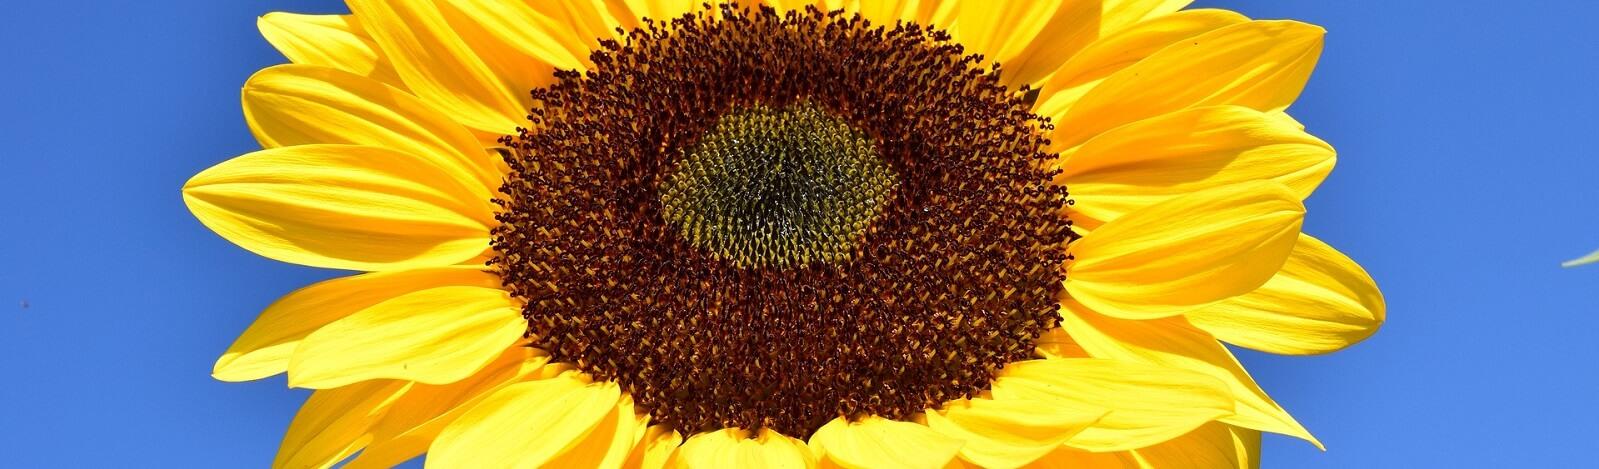 sun-flower-slider